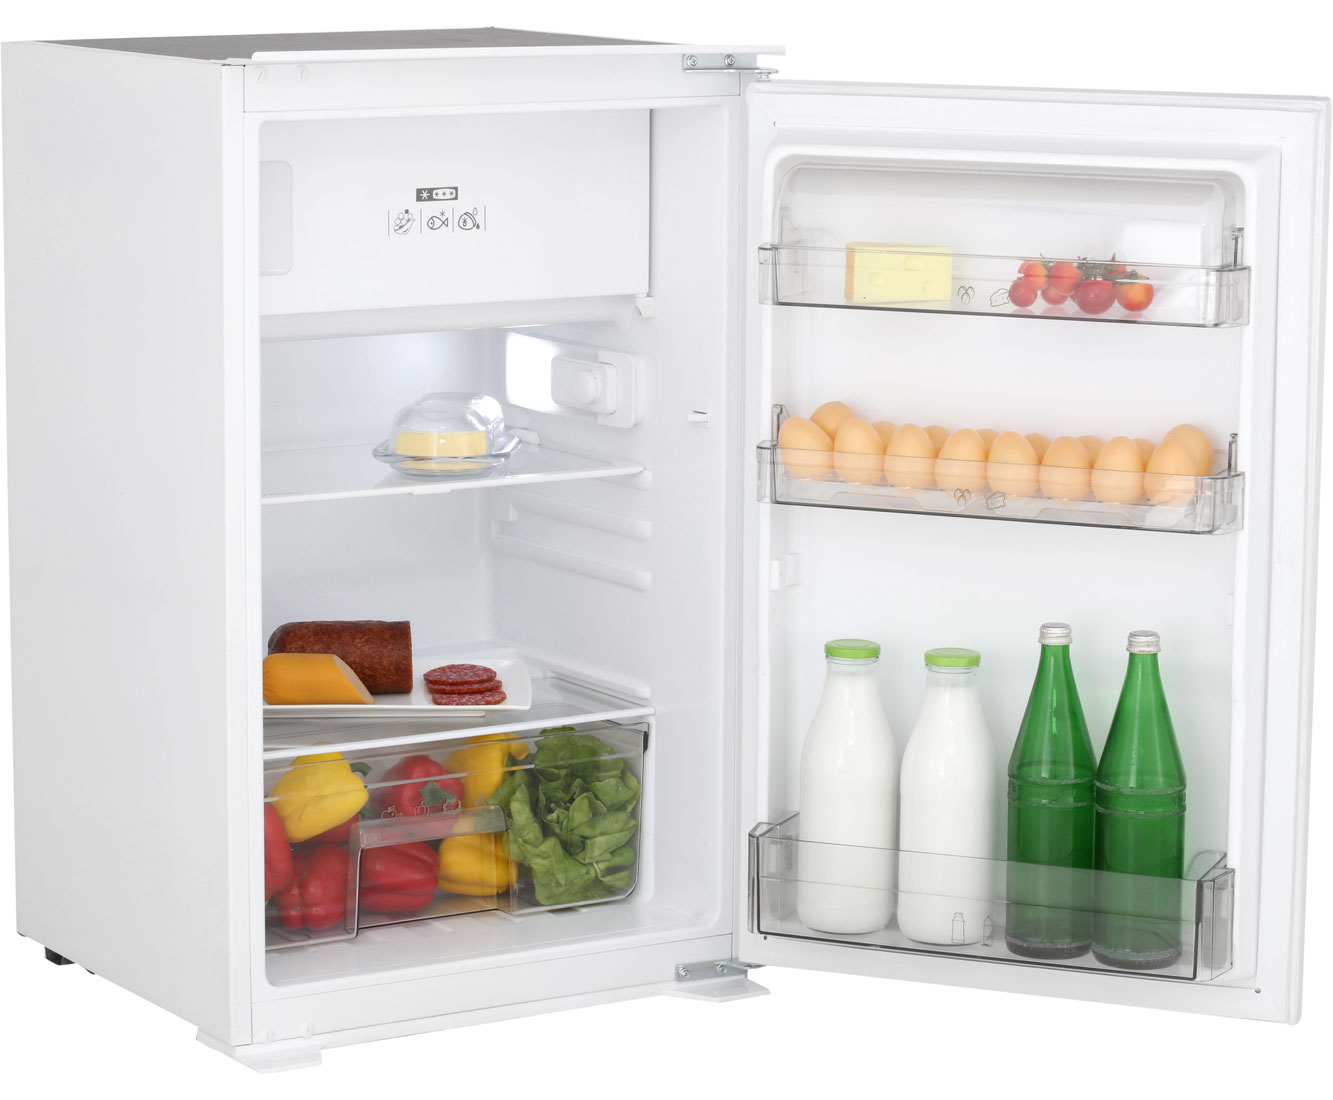 Kühlschrank Klein Mit Gefrierfach : Exquisit eks 131 4 a einbau kühlschrank mit gefrierfach 88er